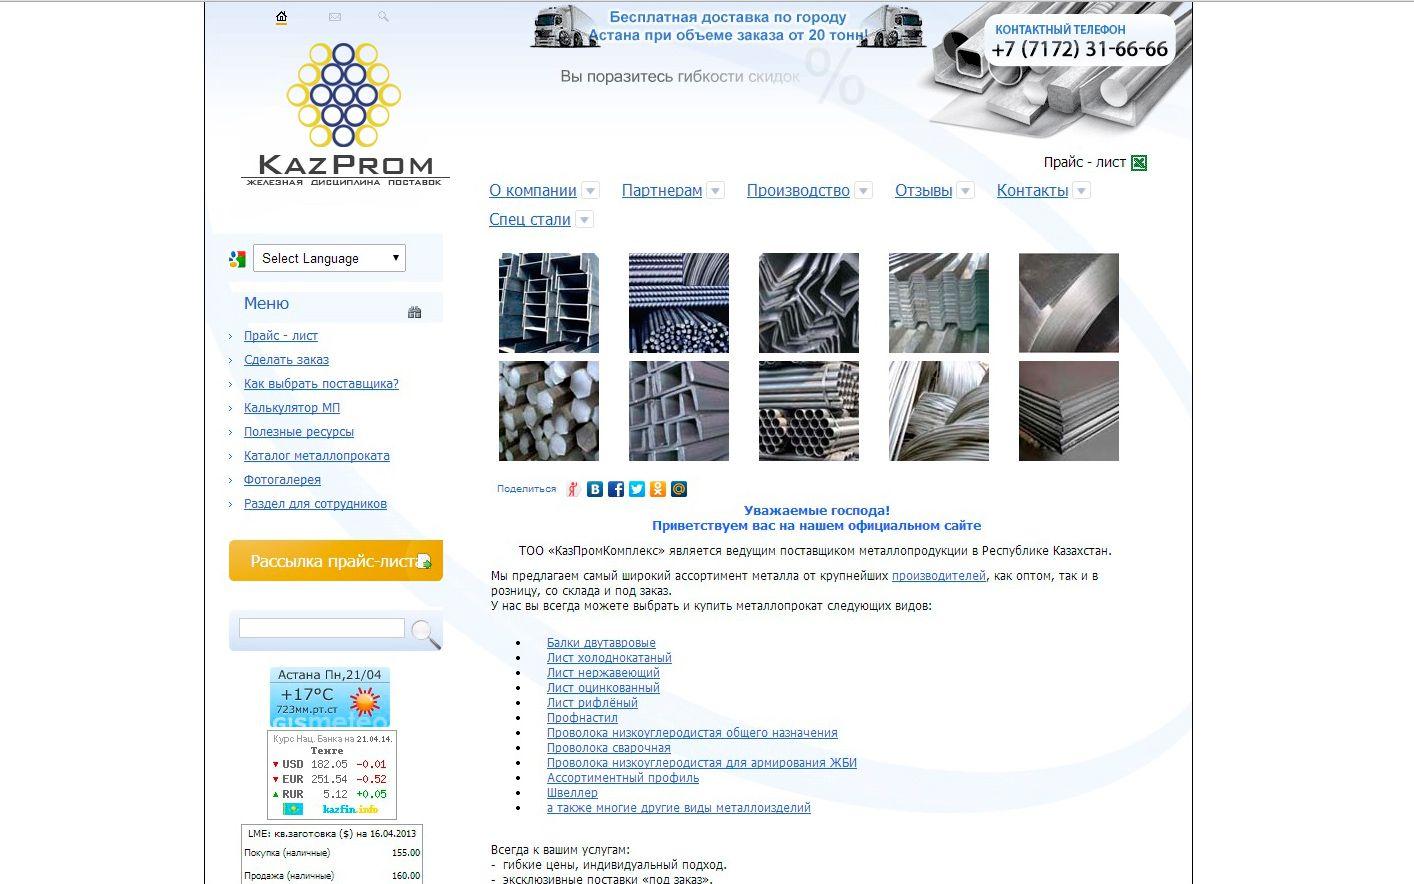 Редизайн логотипа, создание фирменного стиля - дизайнер Diamanda88